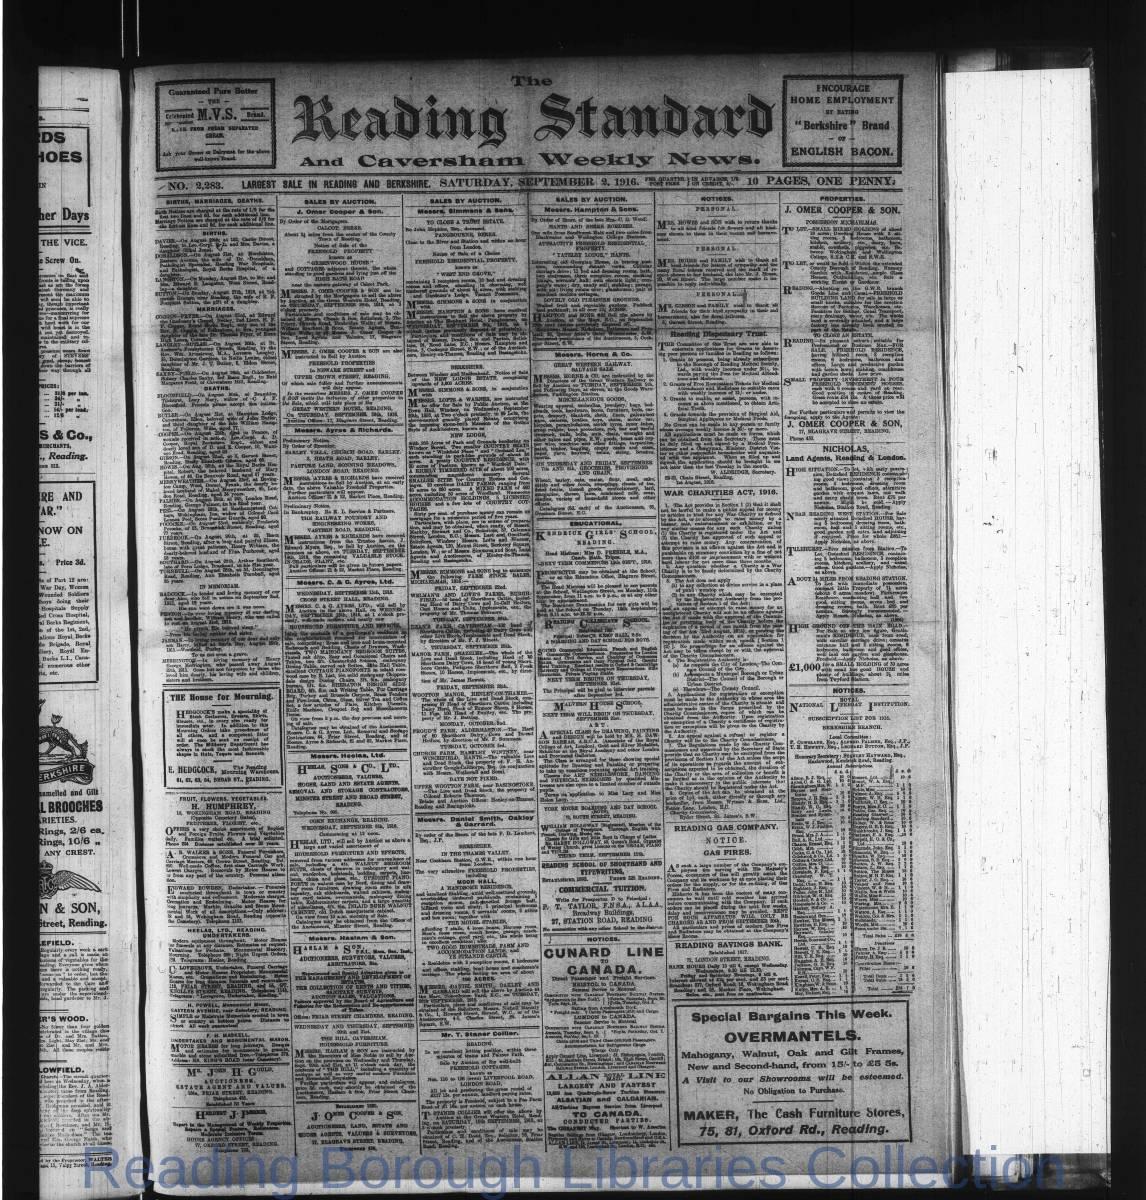 Reading Standard Etc_02-09-1916_00002.jpg